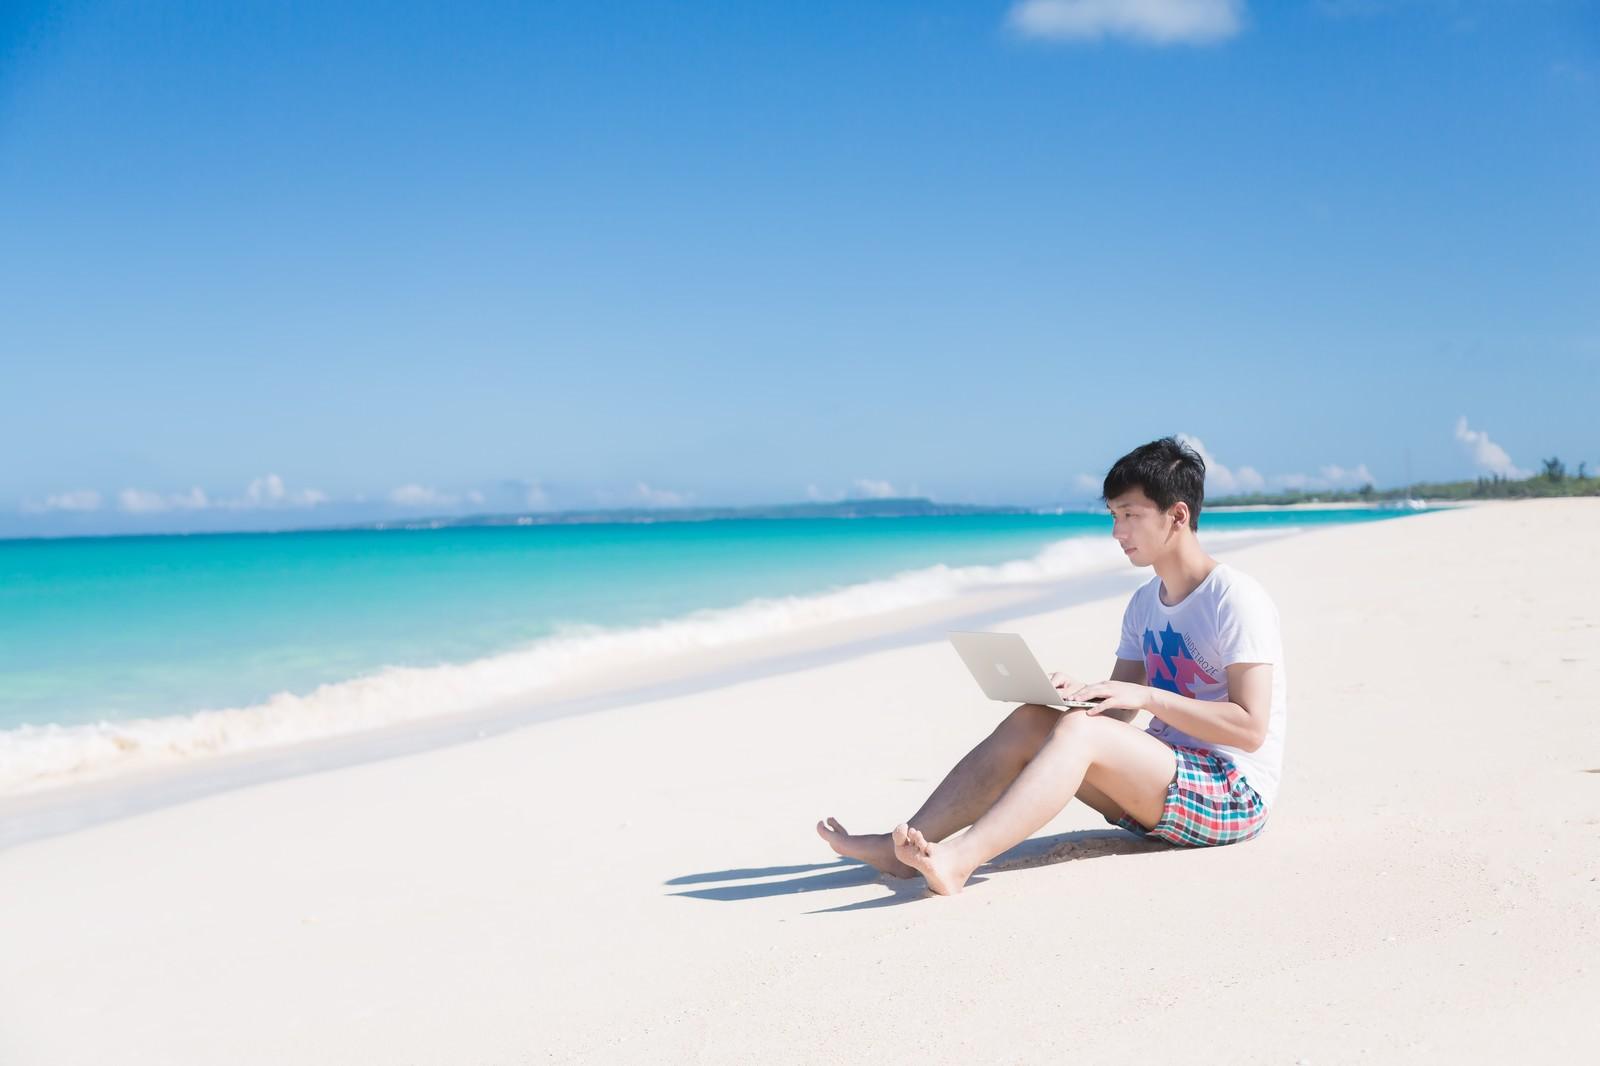 「海で楽しそうに泳ぐ同僚を見ながら、ひざの上にMacBook Airを乗せて改修案件をするエンジニア」の写真[モデル:大川竜弥]